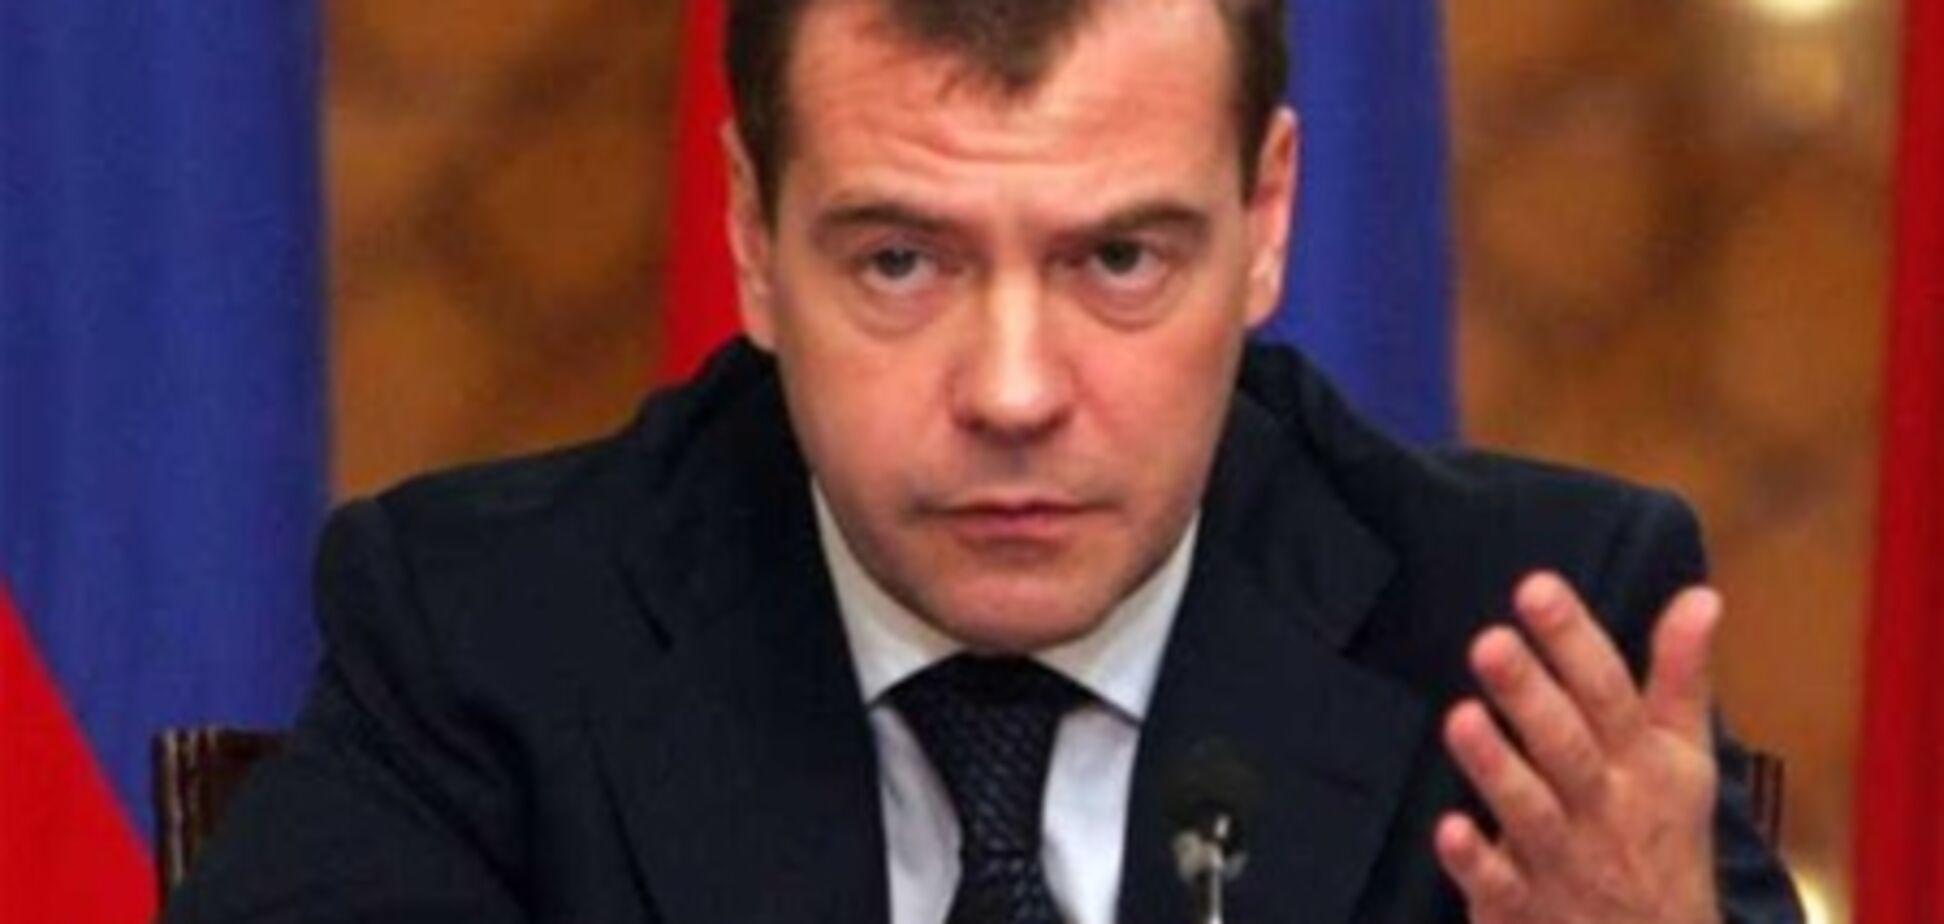 Медведєв: газове питання з Україною вирішимо цивілізовано